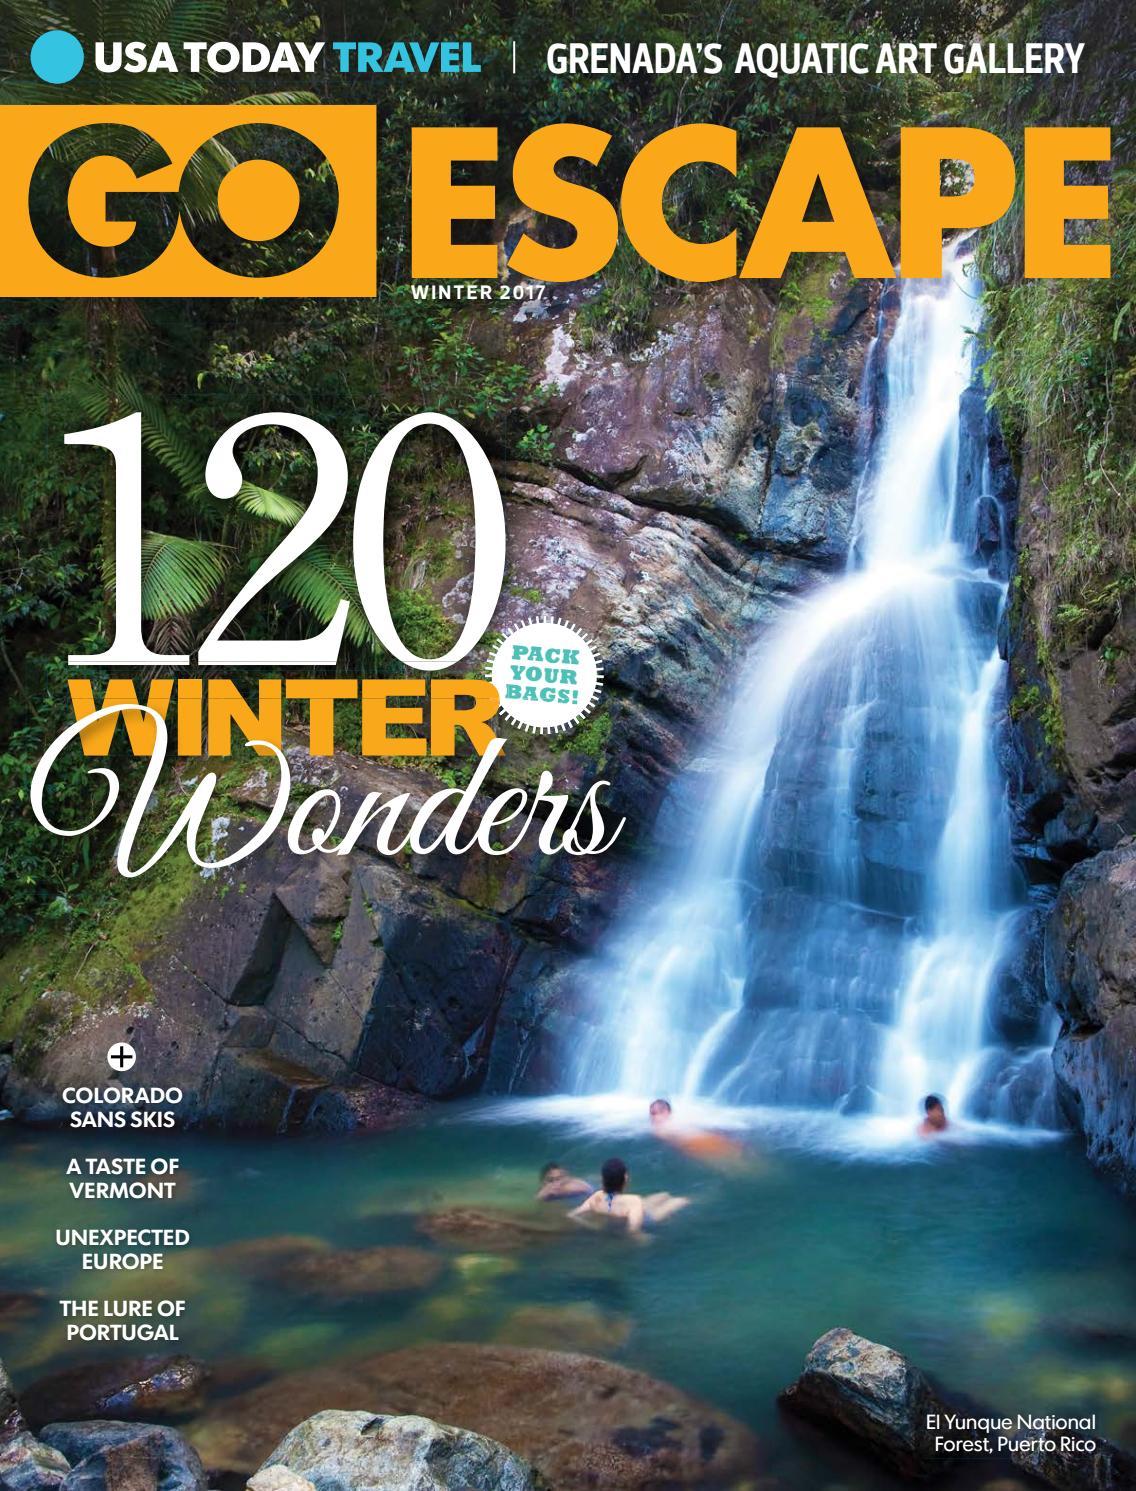 GOESCAPE WINTER 2016 by STUDIO Gannett issuu